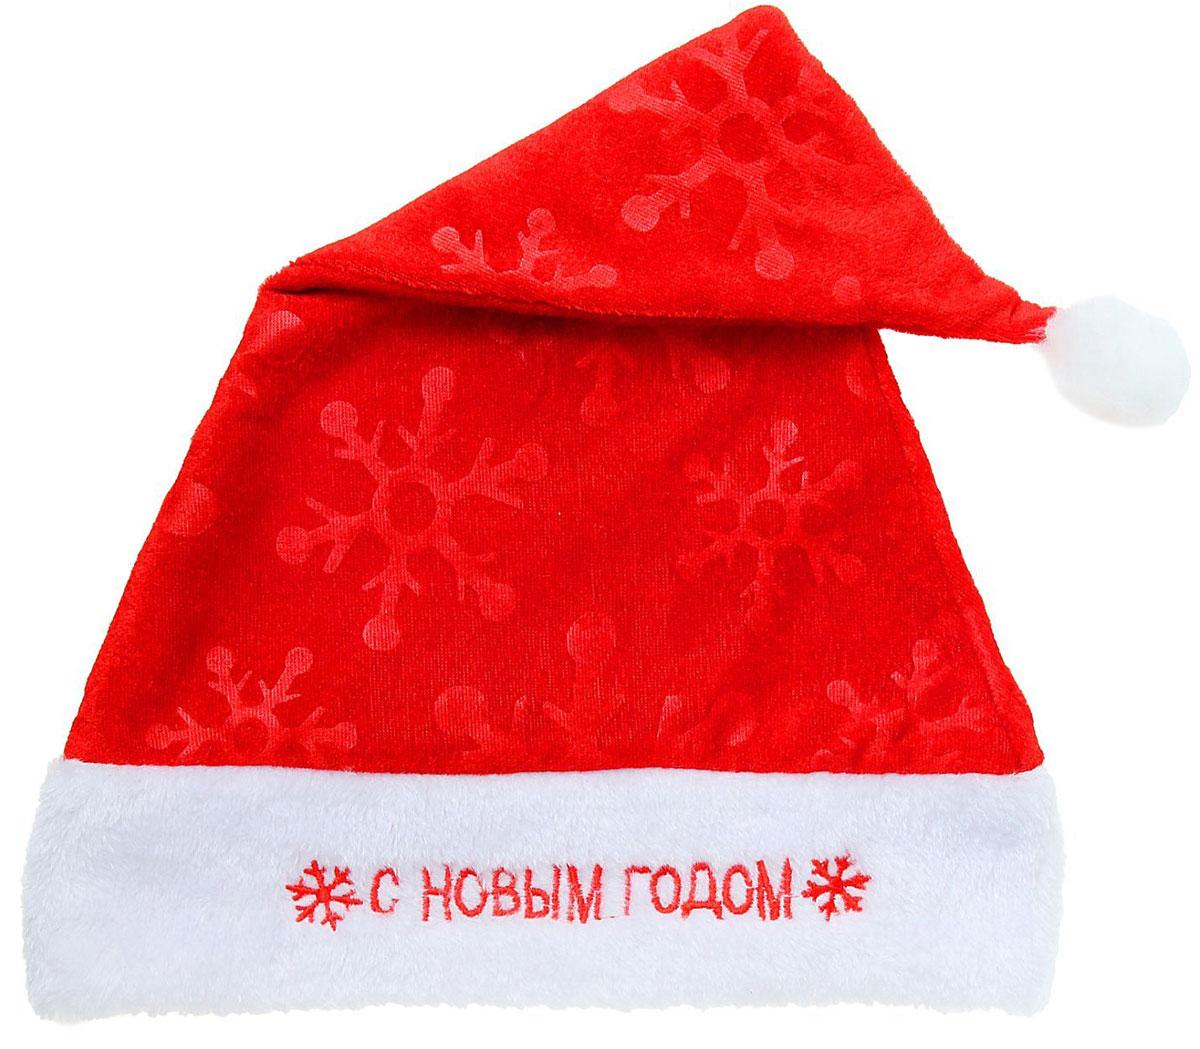 Колпак новогодний Снежинка1111381Поддайтесь новогоднему веселью на полную катушку! Забавный колпак в секунду создаст праздничное настроение, будь то поздравление ребятишек или вечеринка с друзьями. Размер изделия универсальный: аксессуар подойдет как для ребенка, так и для взрослого. А мягкий текстиль позволит носить колпак с комфортом на протяжении всей новогодней ночи.